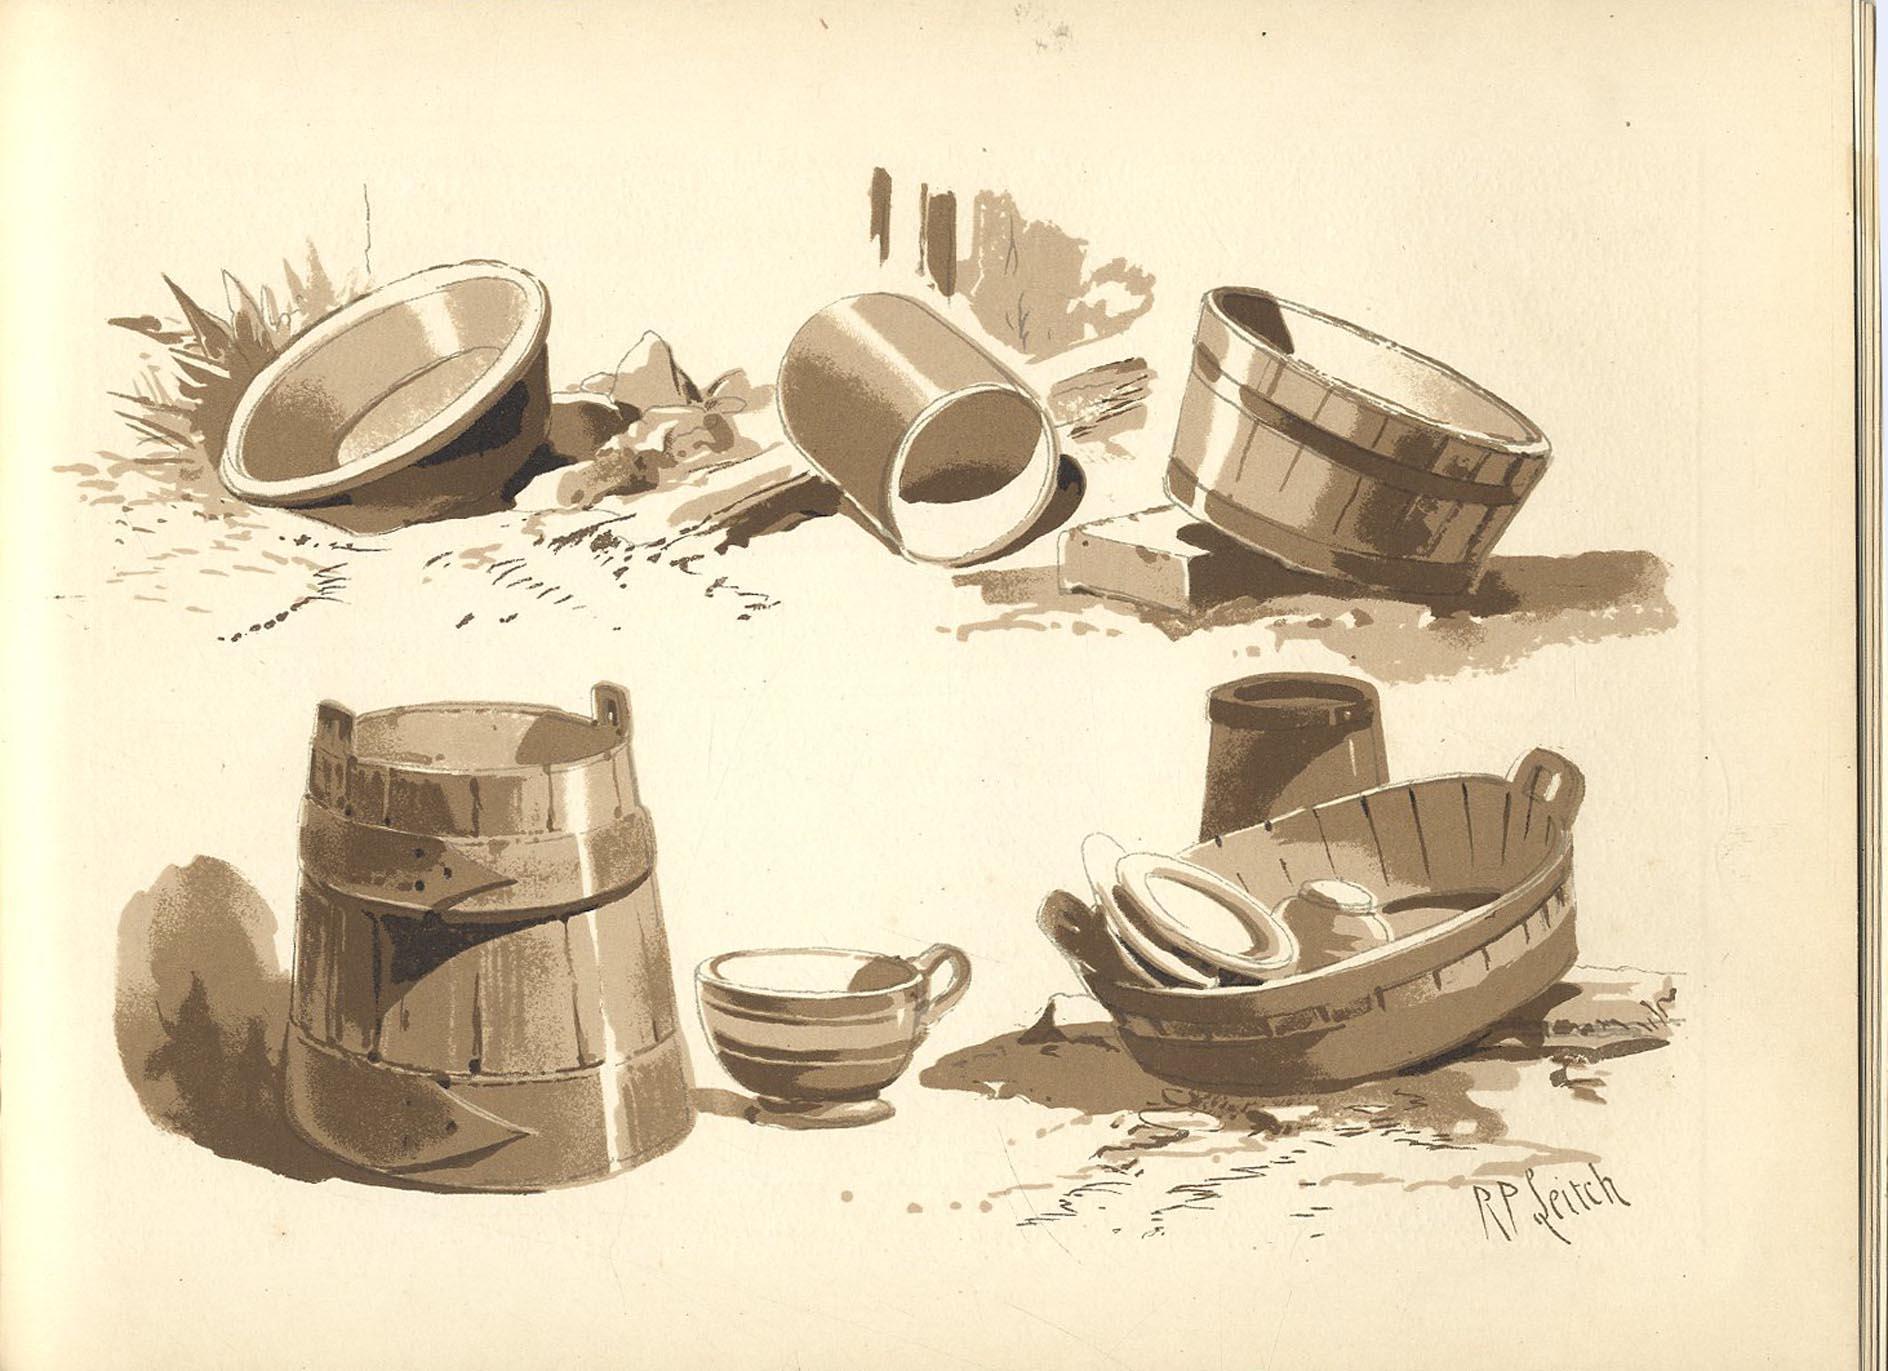 SH588.jpg (1888×1371)